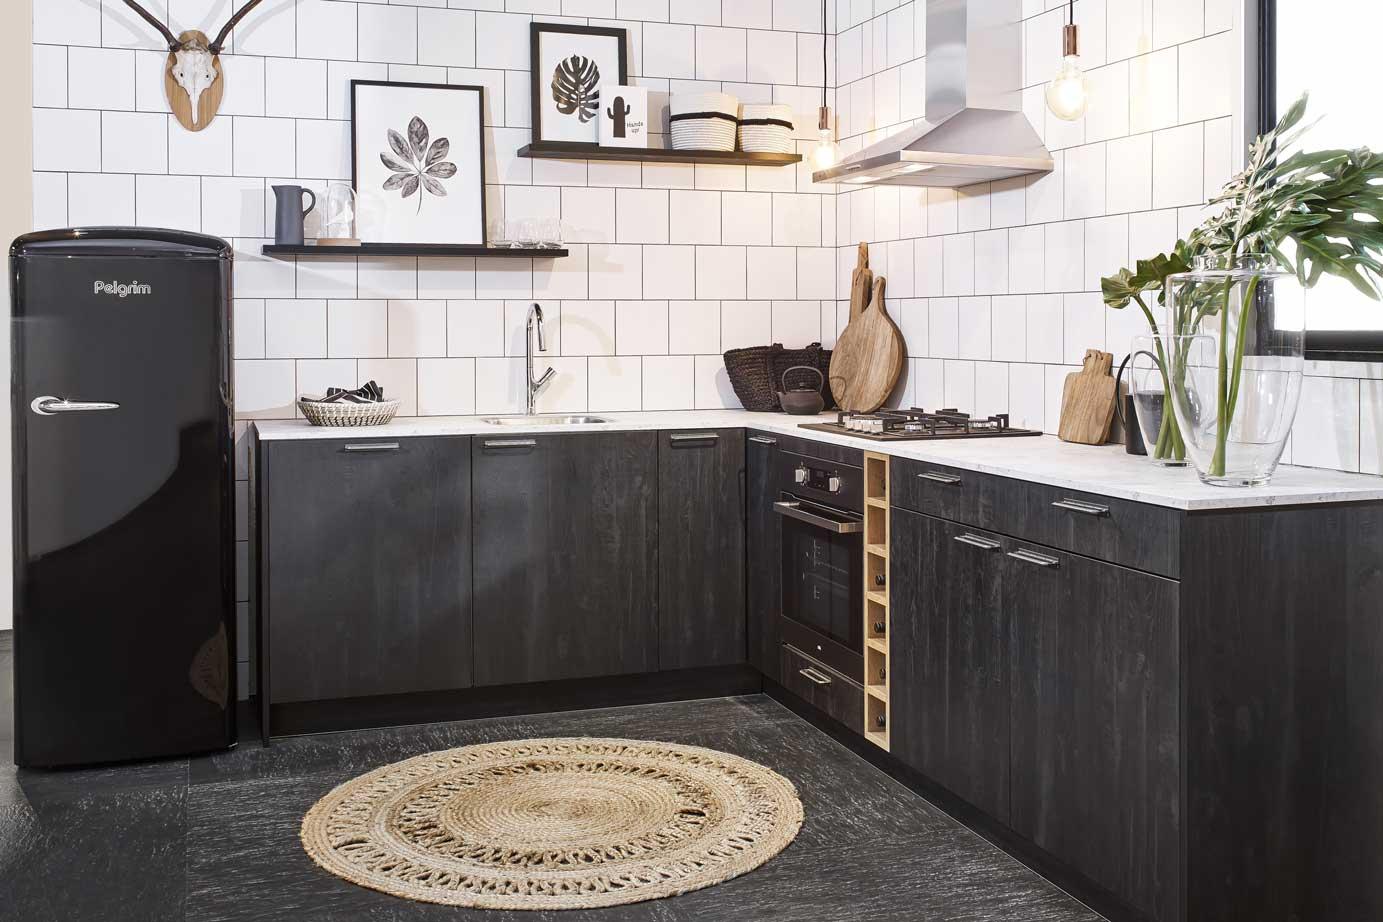 Keur Keukens Keukentegels : Zwarte scandinavische keuken bekijk foto s en prijzen db keukens